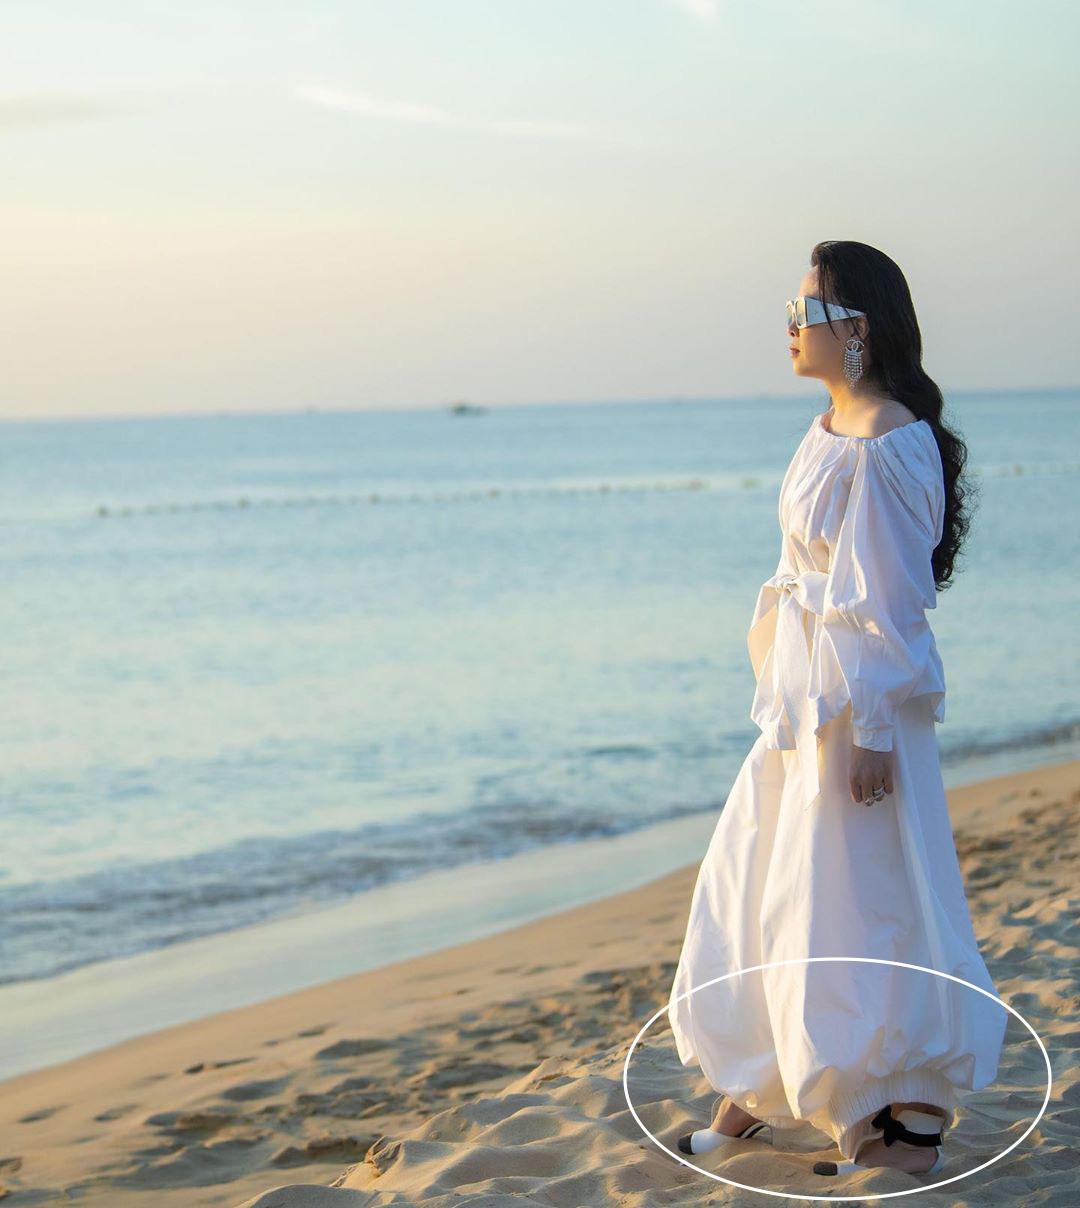 Chắc chưa có kinh nghiệm dự đám cưới ngoài bờ biển, Phượng Chanel diện đồ trắng sương sương mà đi đôi cao gót này thì lún hết cả chân rồi - Ảnh 3.